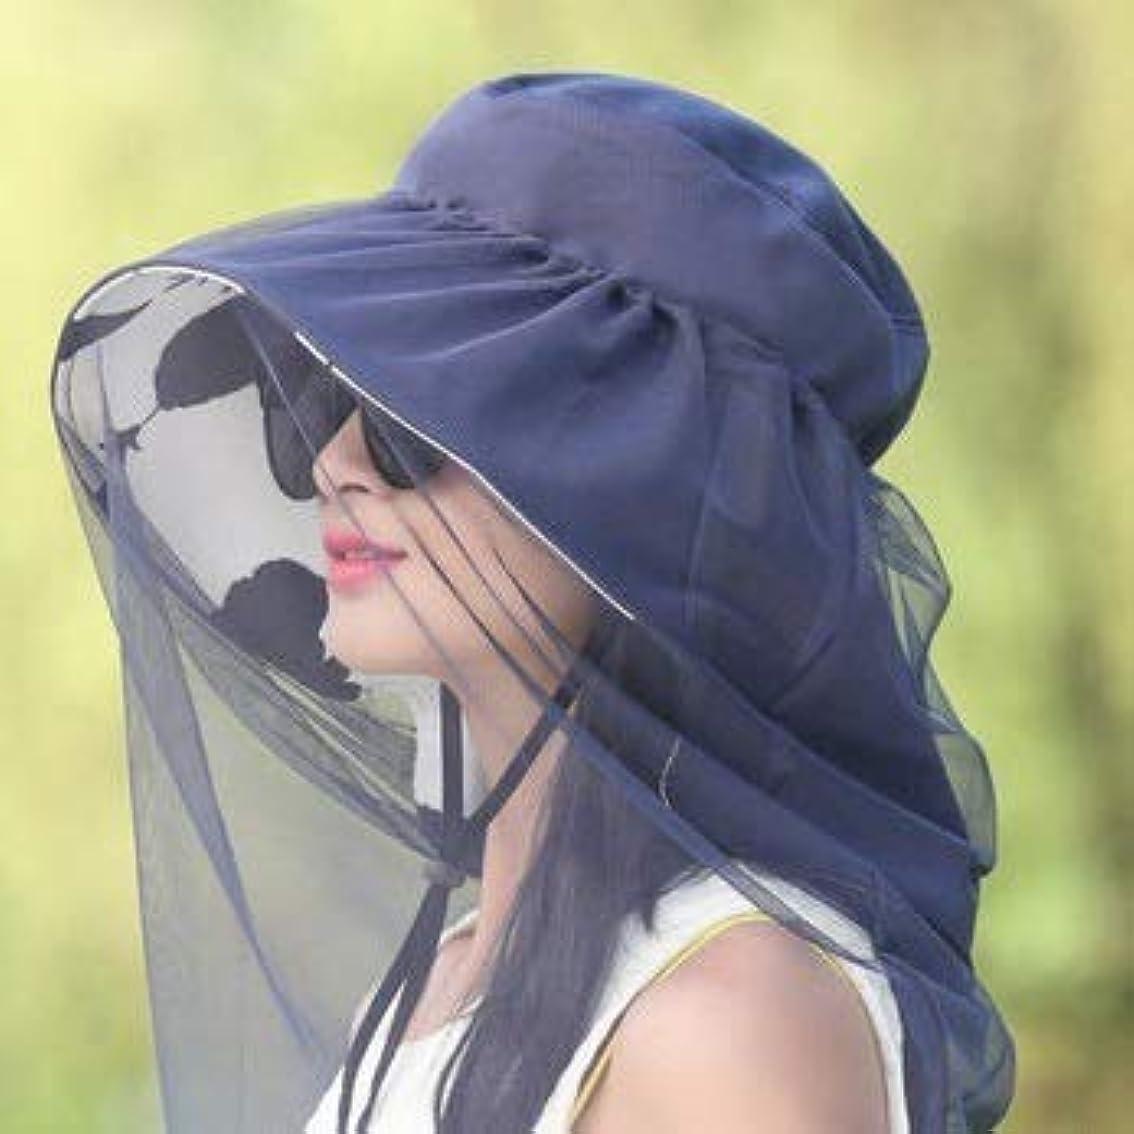 ラフレシアアルノルディサミットモート取り外し虫除け防虫ネット付き ガーデニング 帽子 紫外線 セレブハット